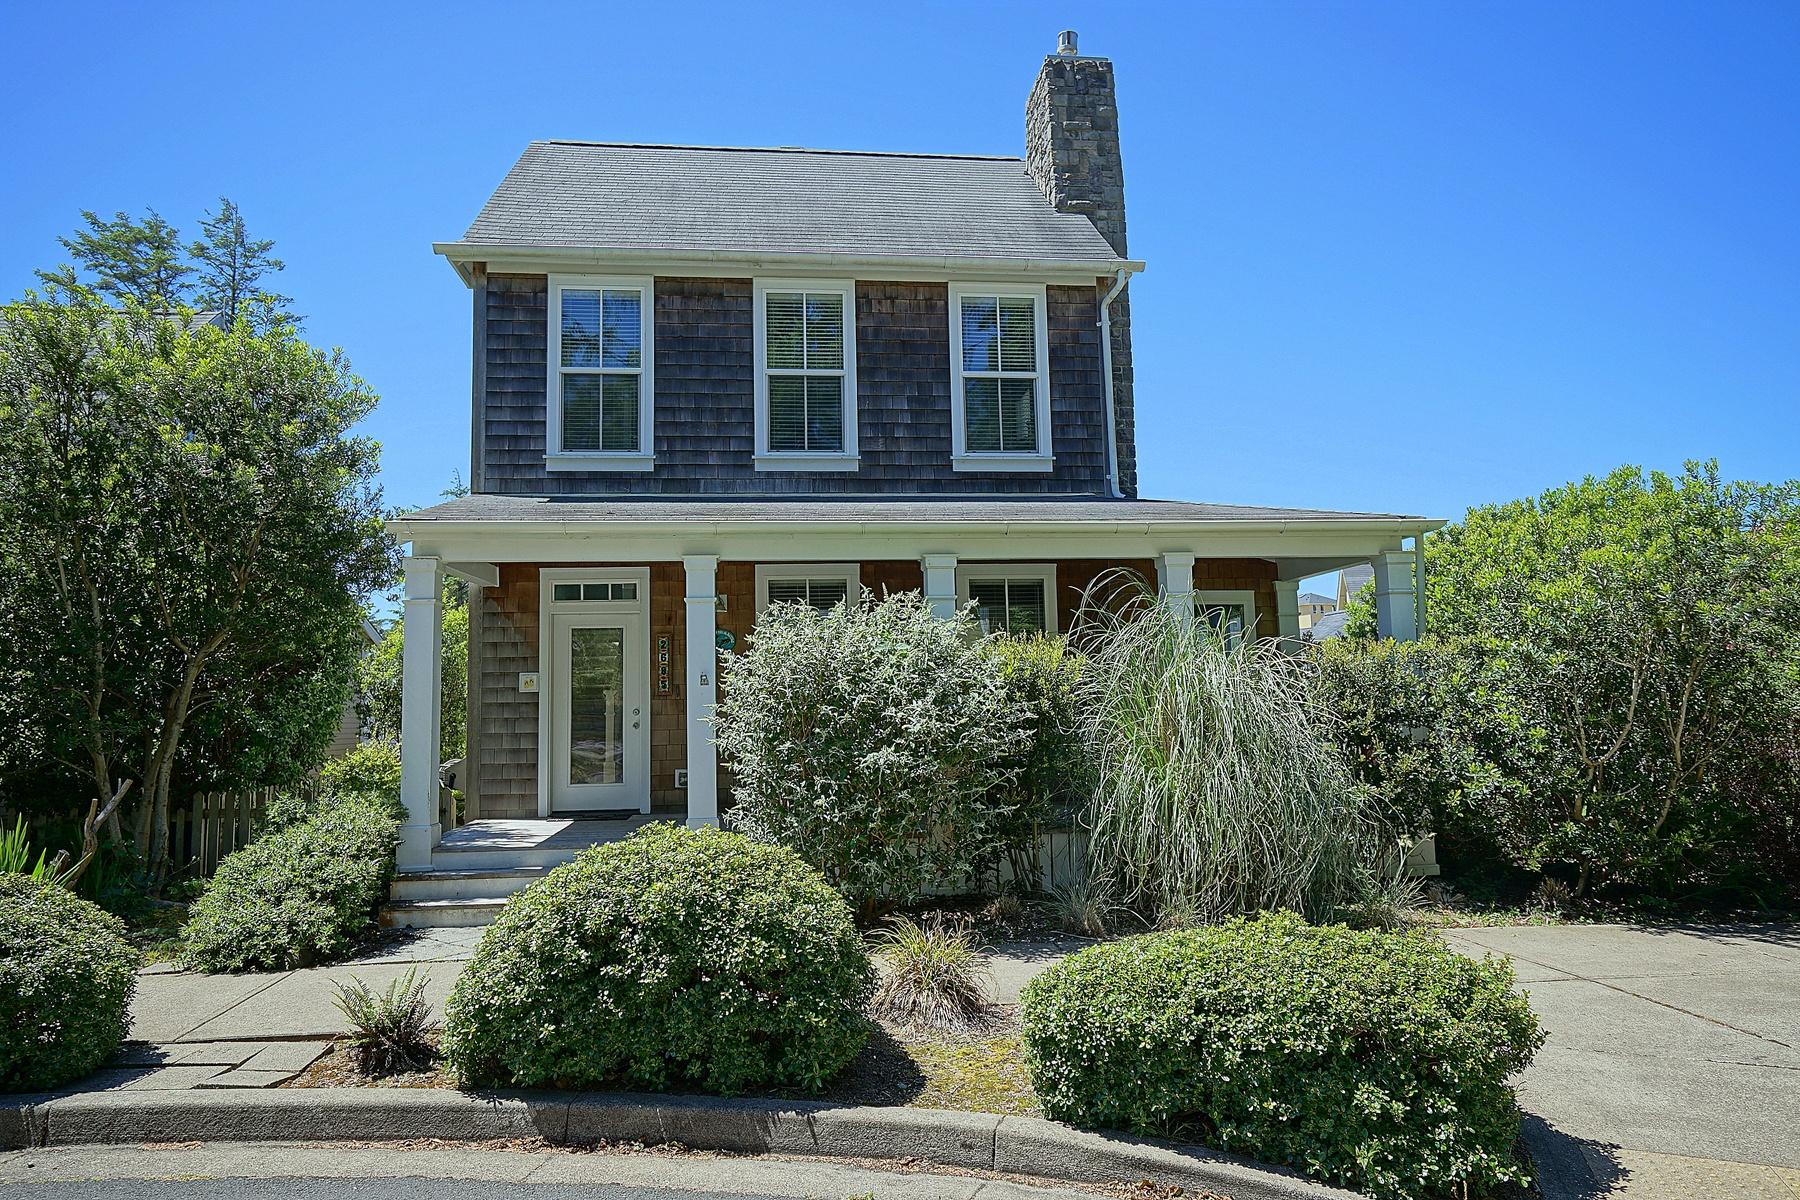 Частный односемейный дом для того Продажа на Elegant Cottage Home 2685 SW Beach AVE, Lincoln City, Орегон, 97367 Соединенные Штаты